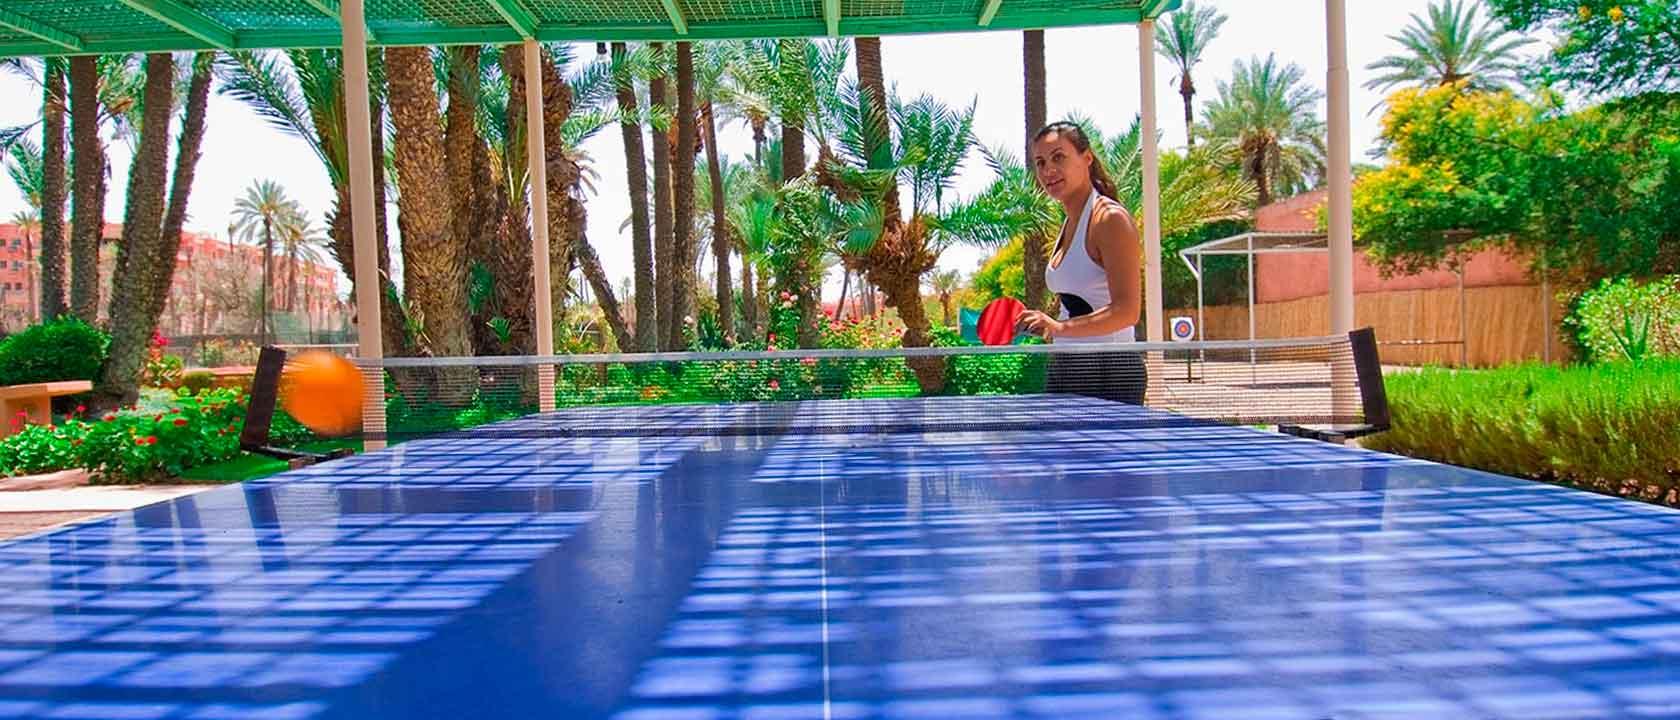 3 consejos c mo proteger y cuidar la mesa de ping pong for Mesa ping pong exterior